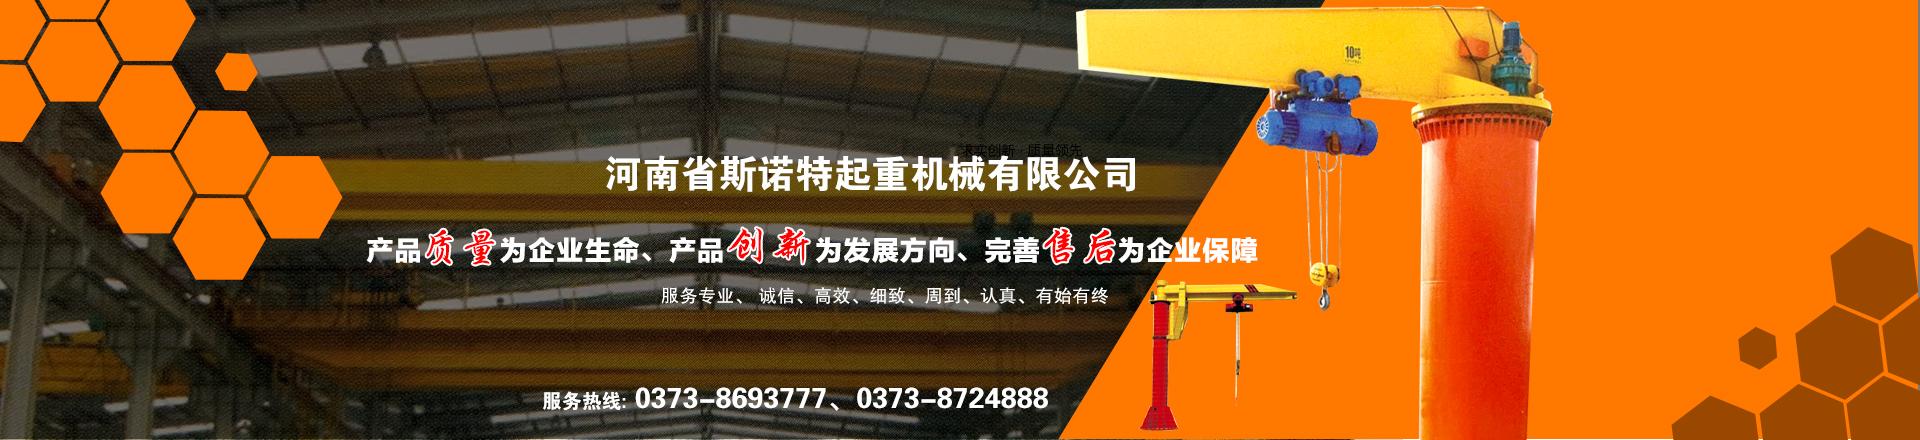 河南省斯诺特起重机械有限公司